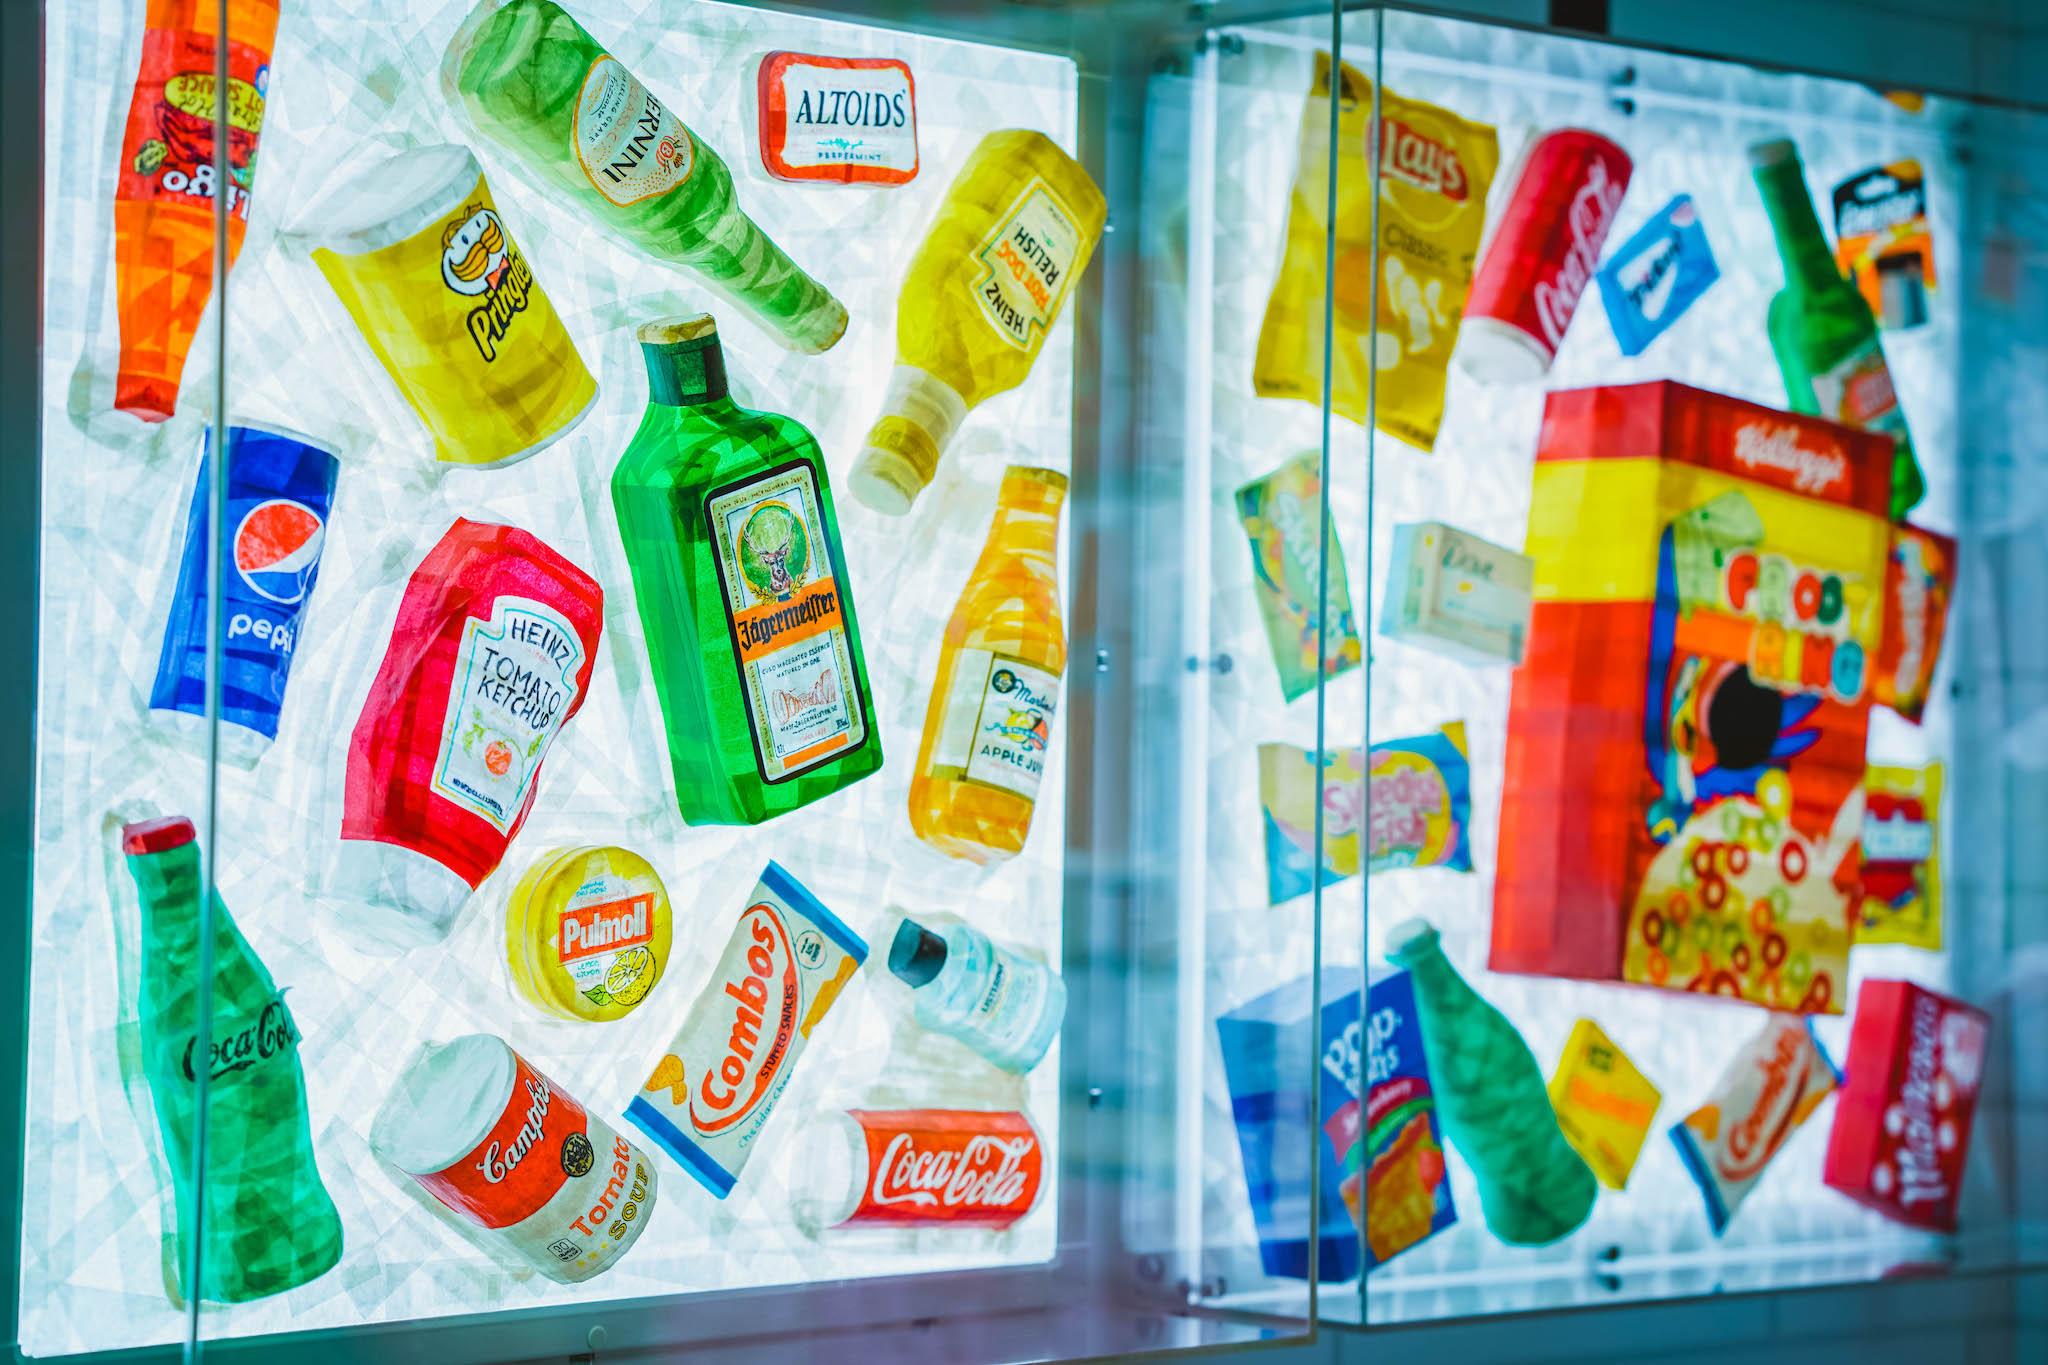 """Exposição coletiva """"Art Bodega"""" no K11 Art Mall, Hong Kong Artes & contextos DSC03626"""